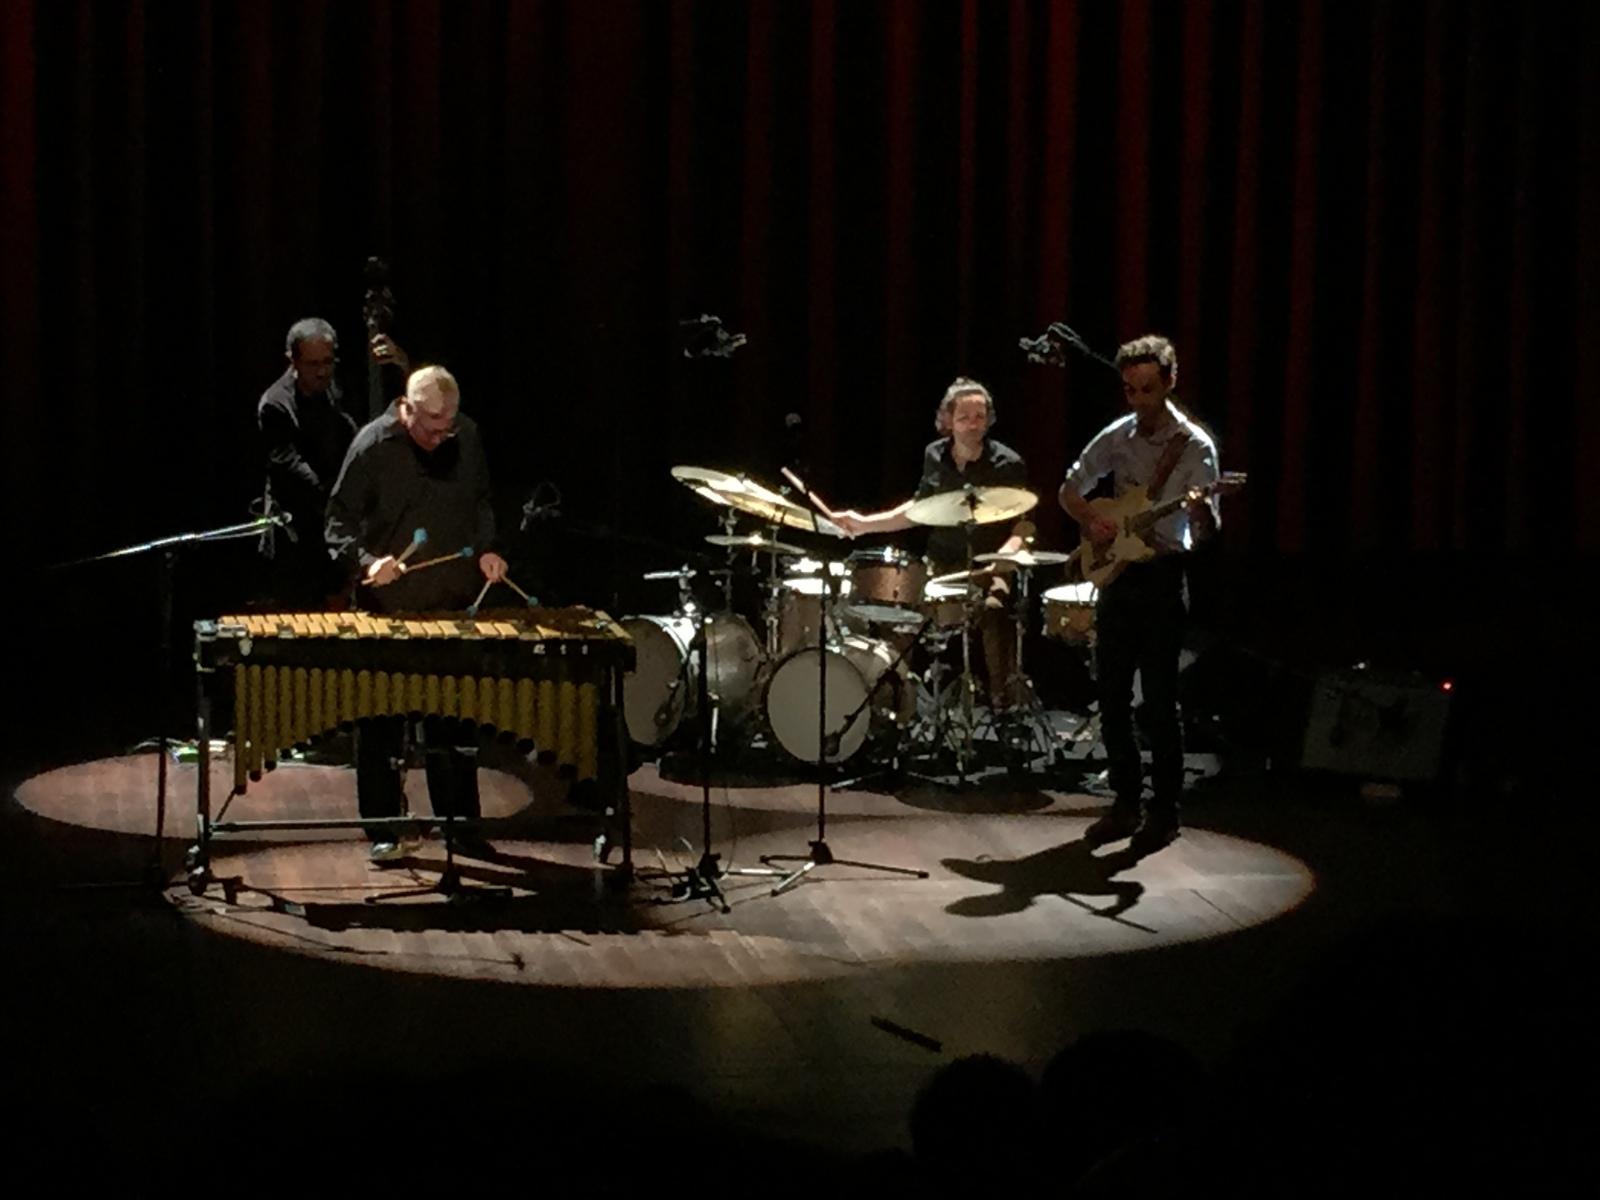 Festival de Jazz de Barcelona - Página 2 Xp62wp